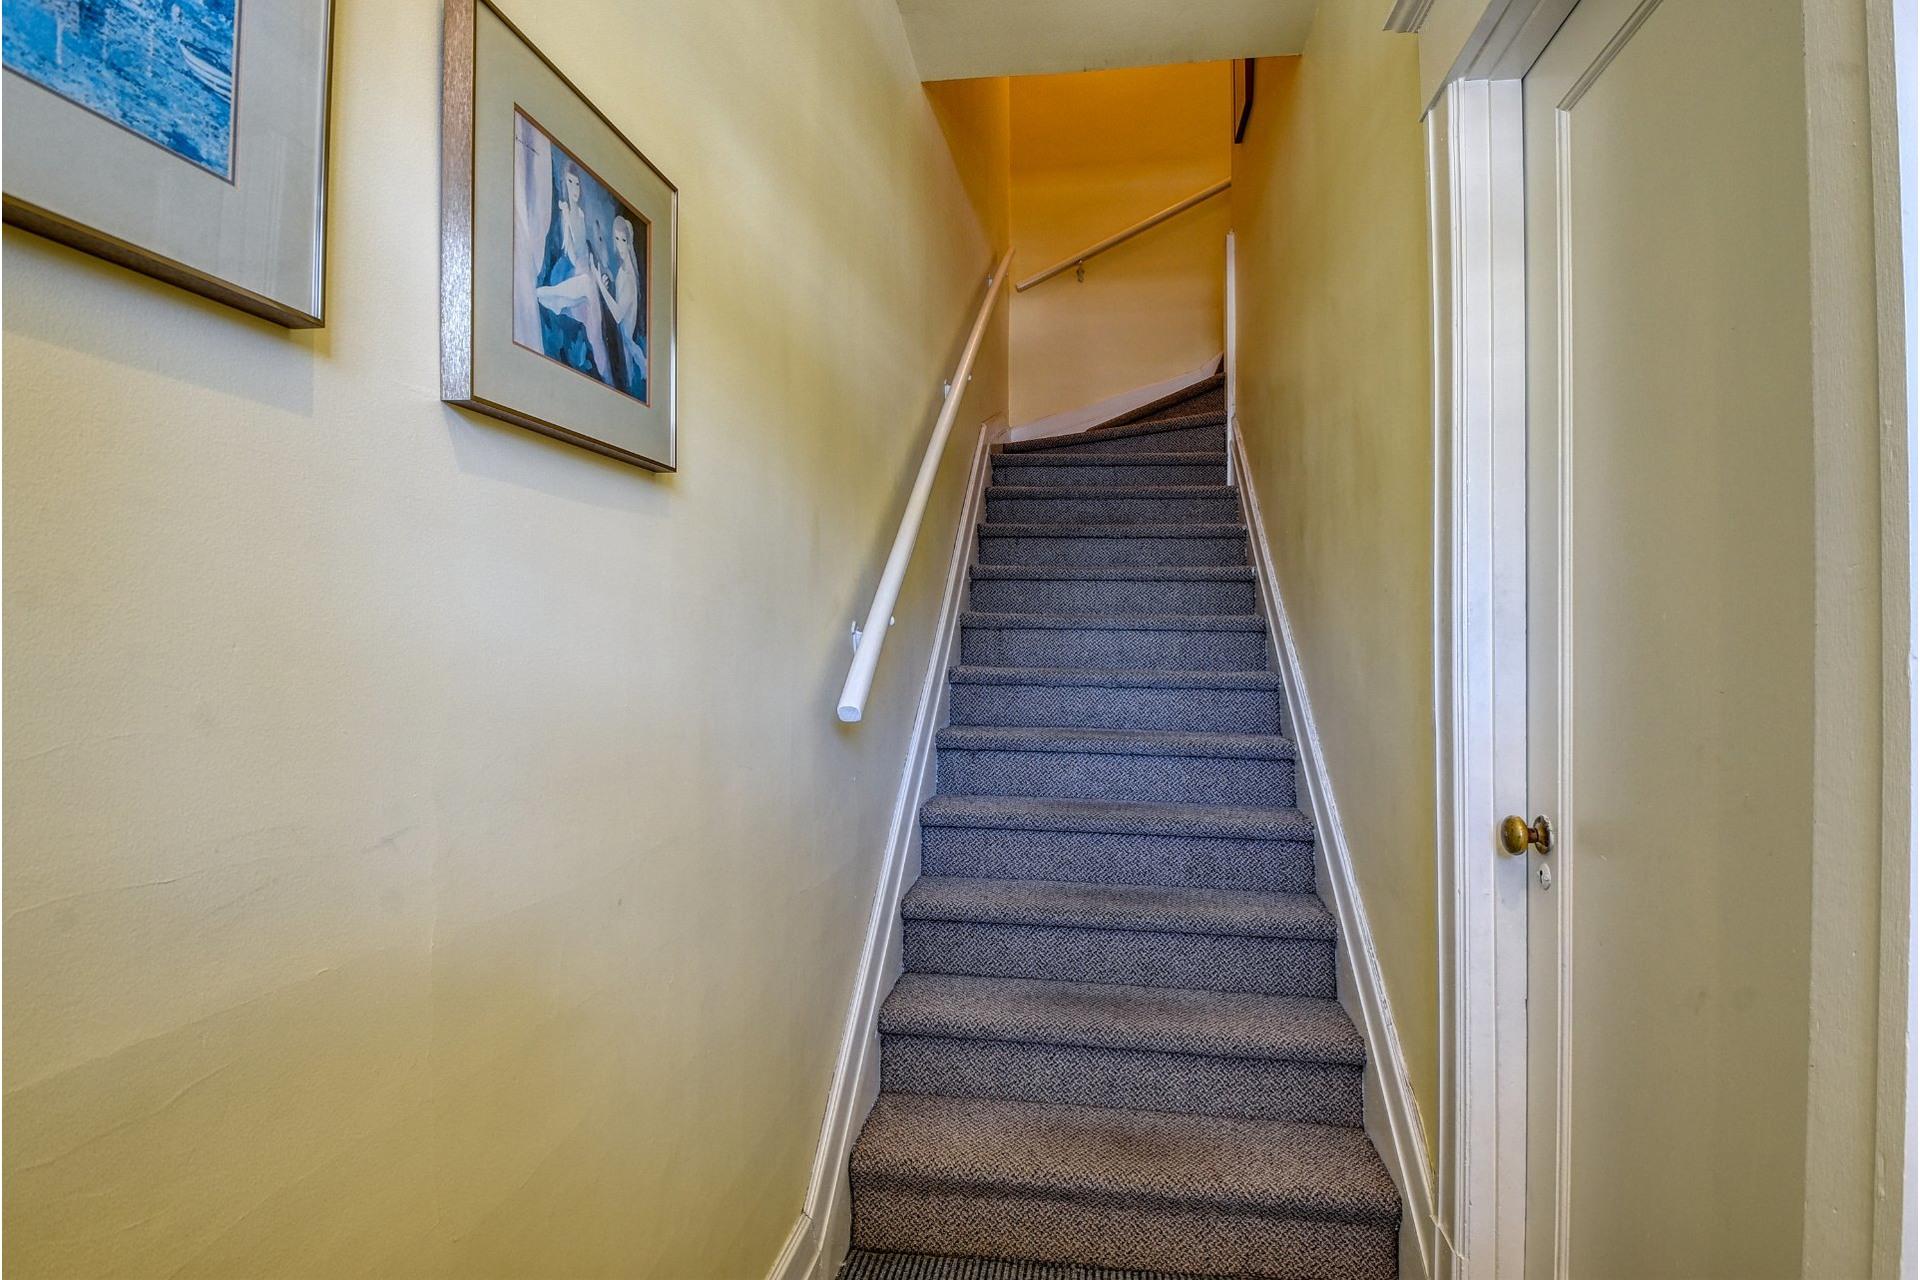 image 21 - Appartement À vendre Côte-des-Neiges/Notre-Dame-de-Grâce Montréal  - 7 pièces